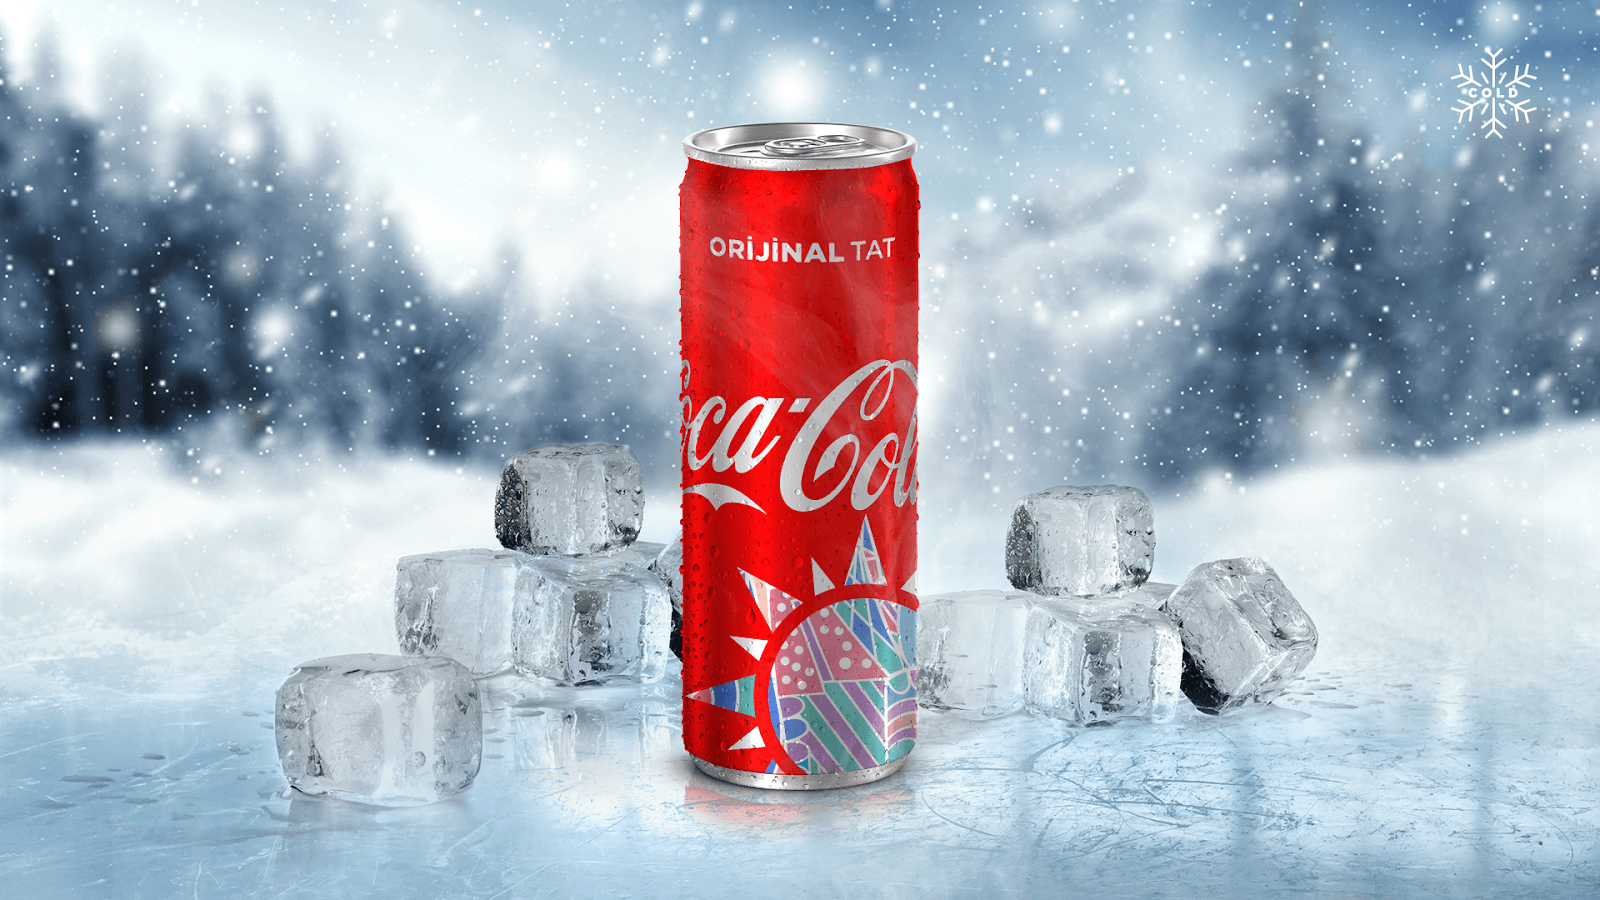 thermocans05 - Coca-Cola přináší vyletněné termo plechovky